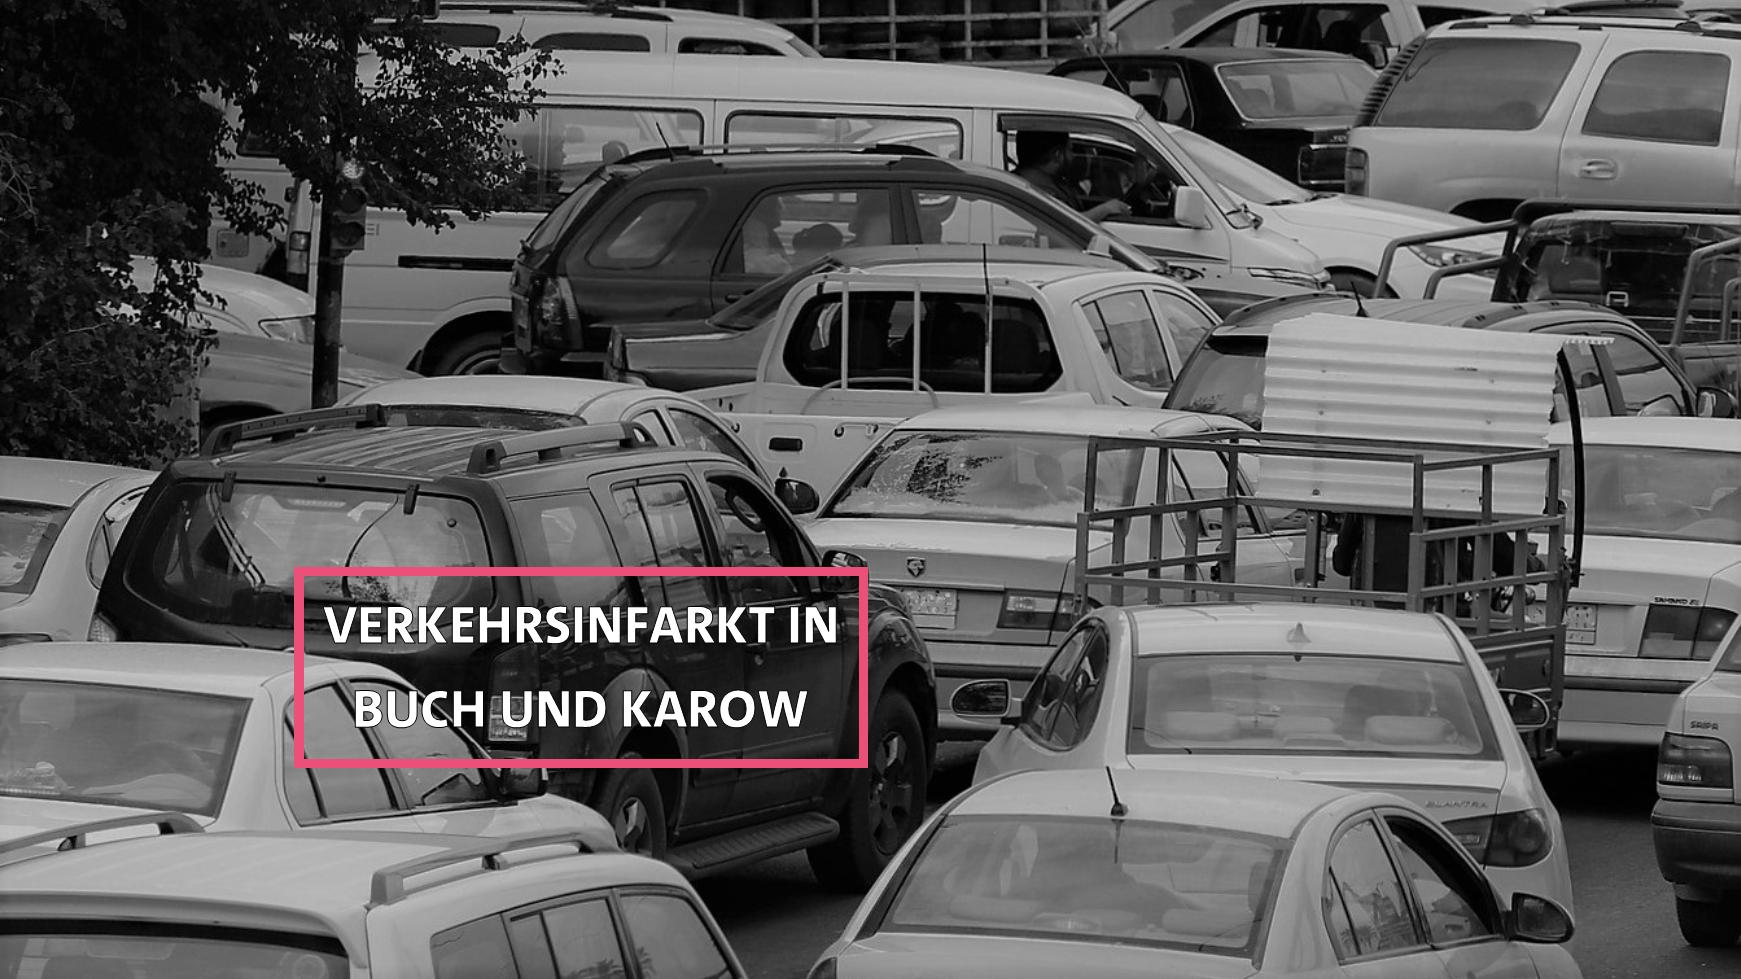 Verkehrsinfarkt_SEV_caption